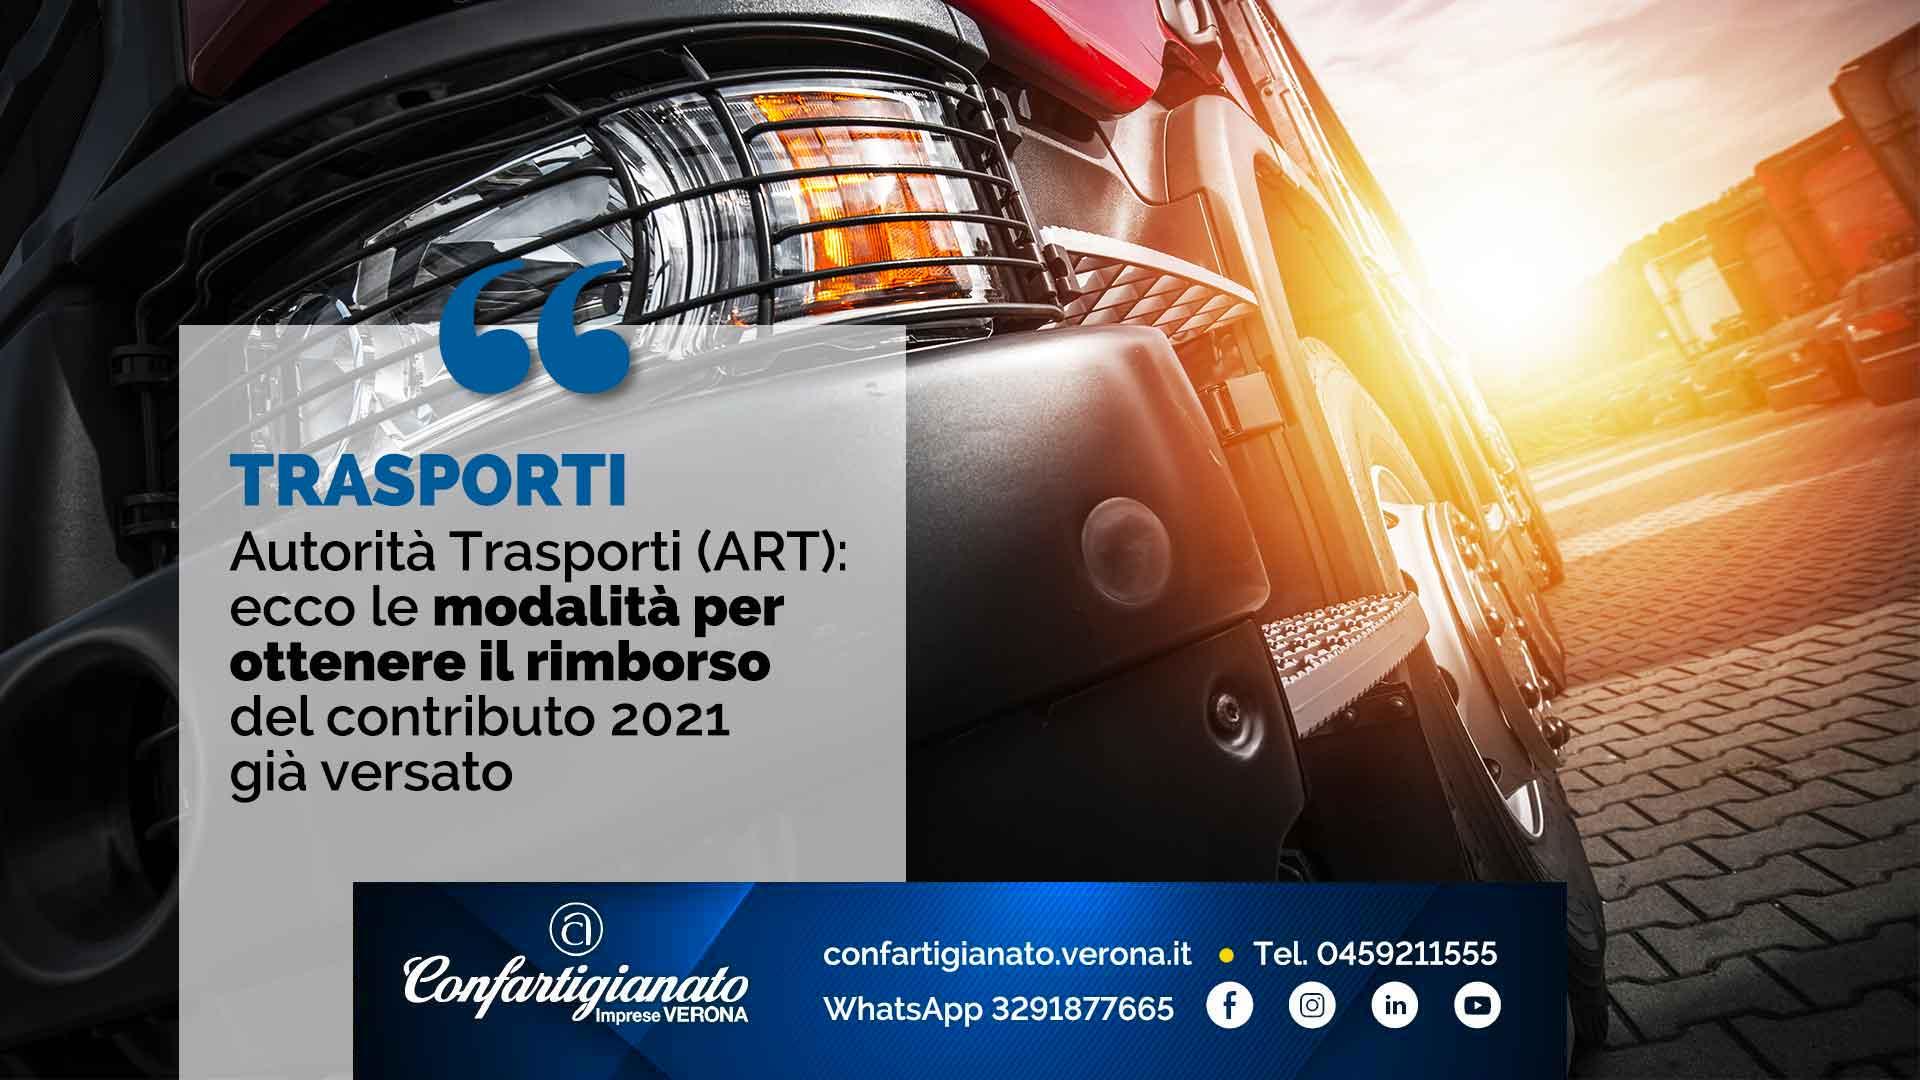 TRASPORTI – Autorità Trasporti: ecco le modalità per ottenere il rimborso del contributo 2021 già versato